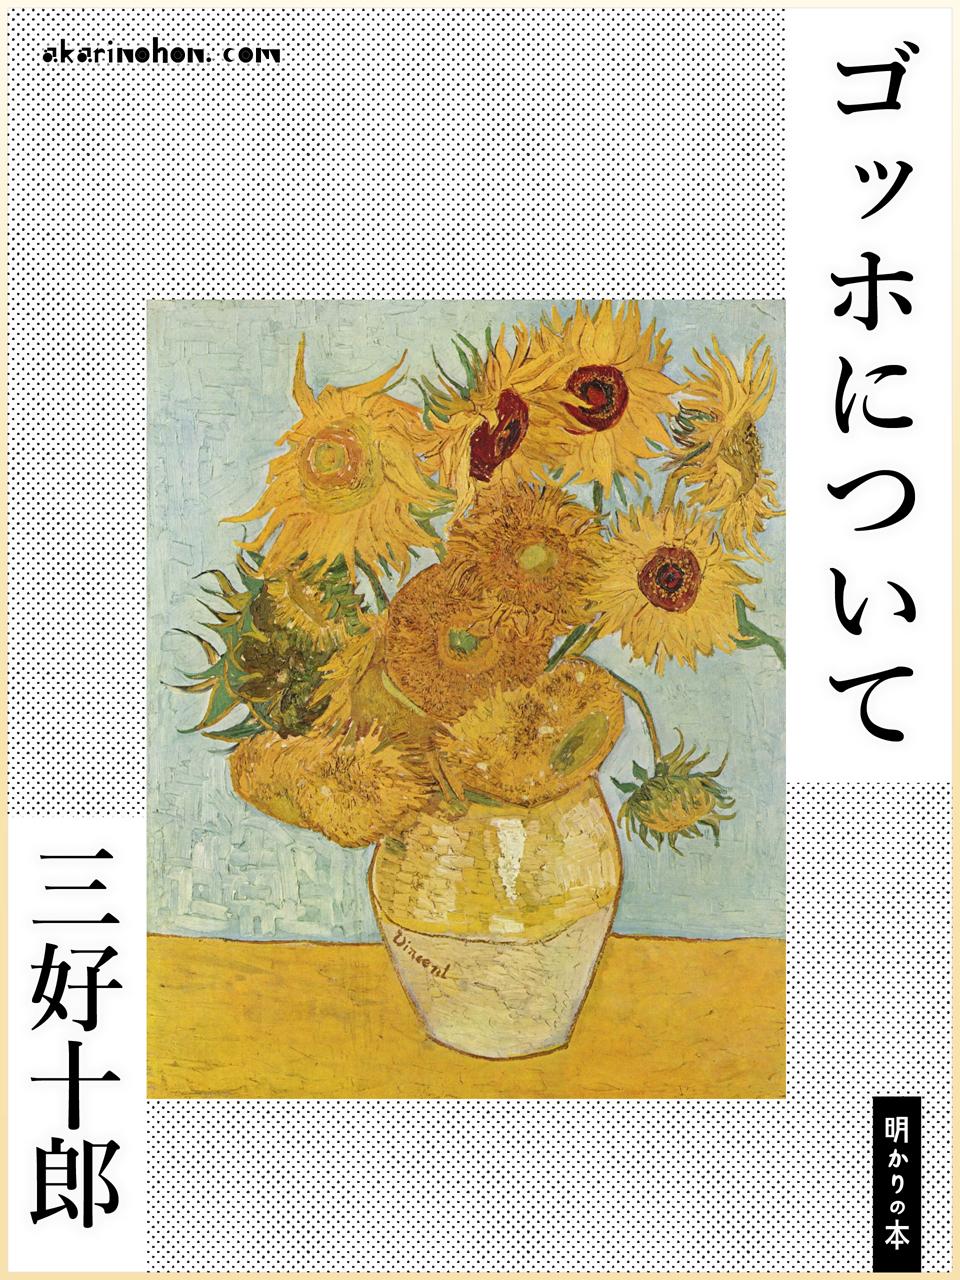 縦書き文庫の装画「ゴッホについて 三好十郎」